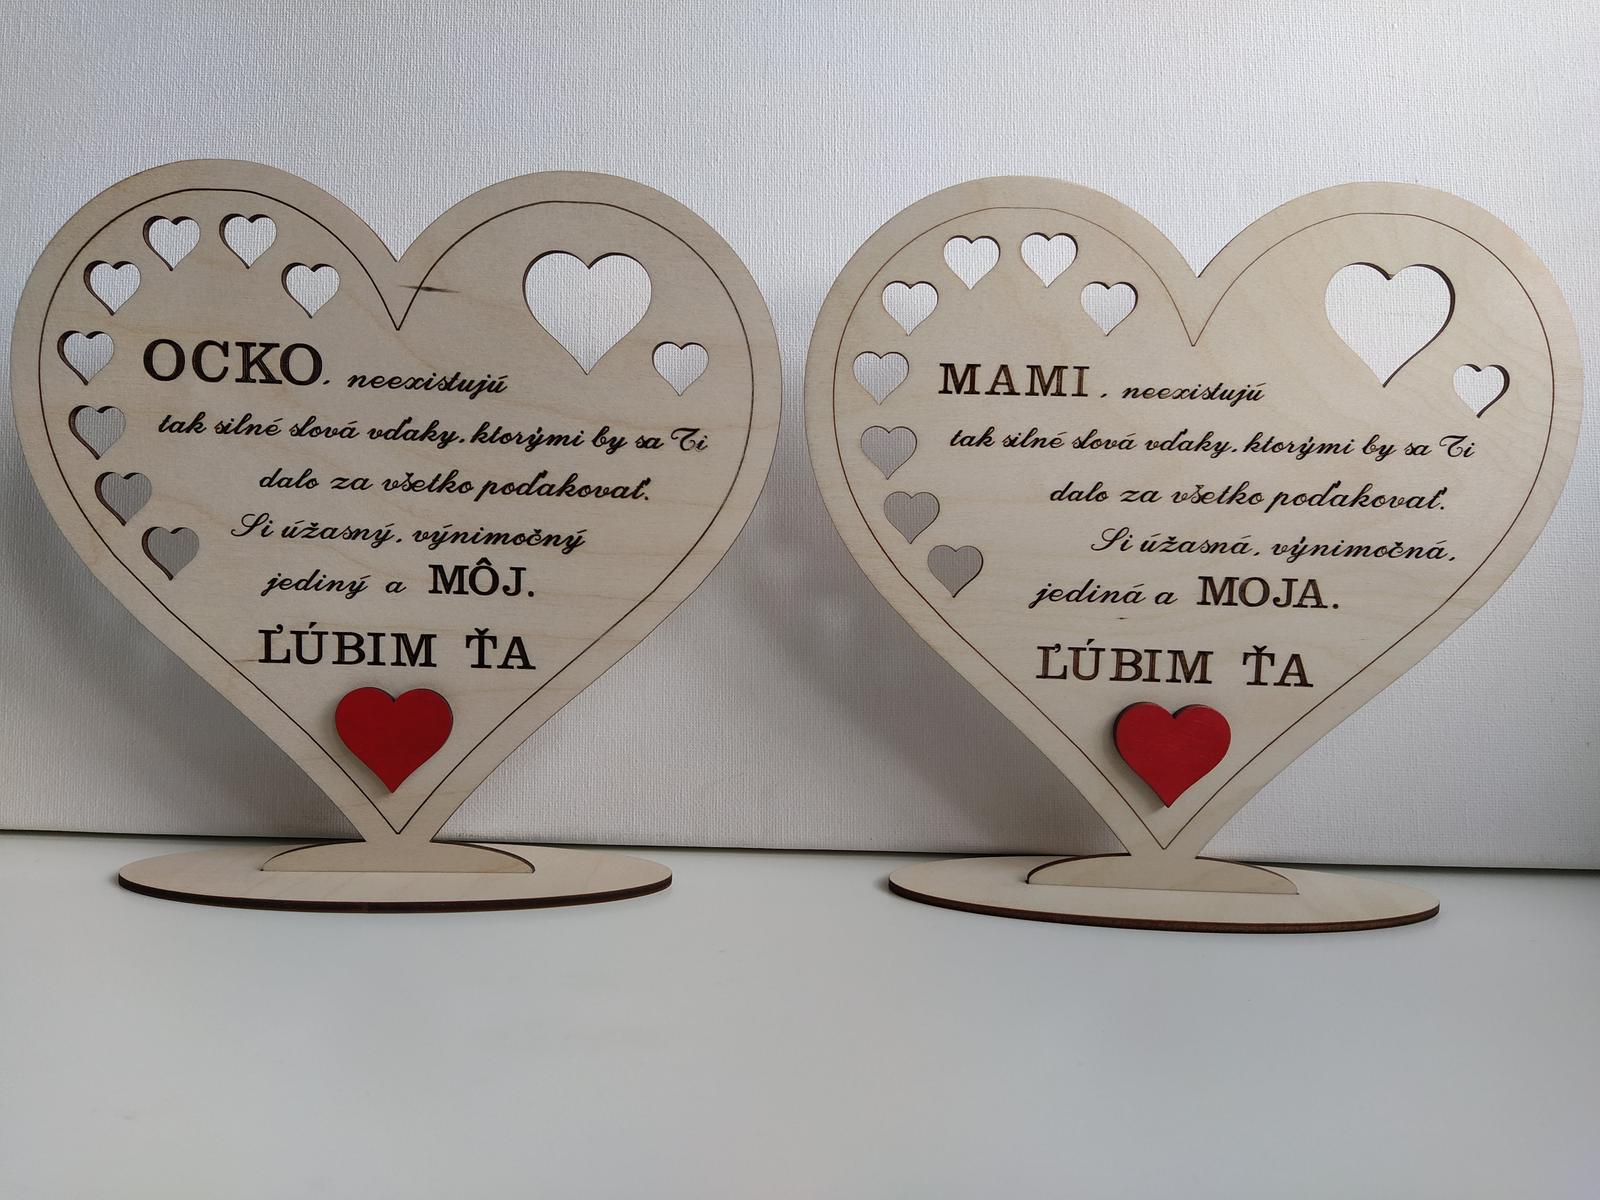 Predám 2 veľké drevené srdiečka - prvé pre Mamičku a druhé pre Ocka . - Obrázok č. 1